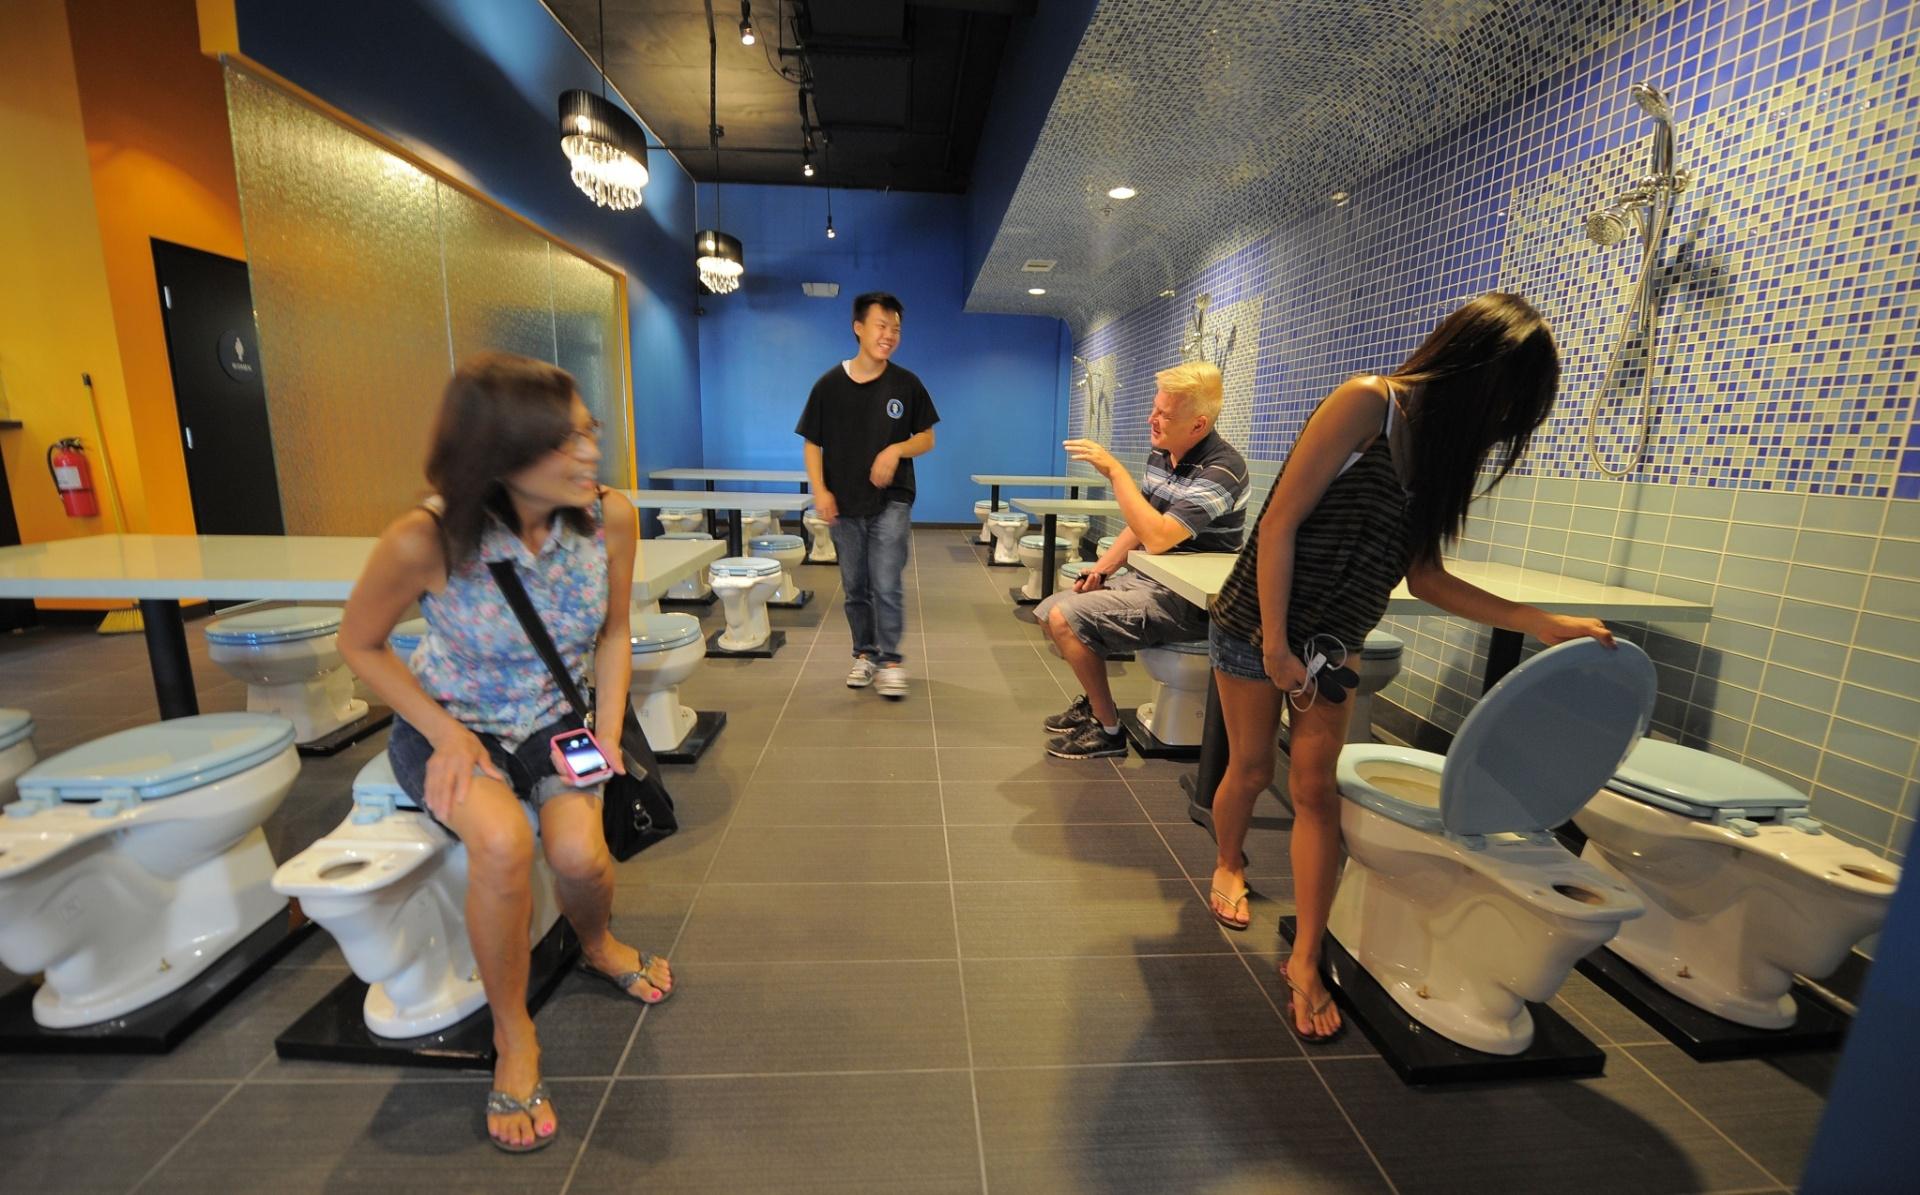 restaurante com decoração de banheiro em LA   UOL Estilo de vida #AE721D 1920 1195